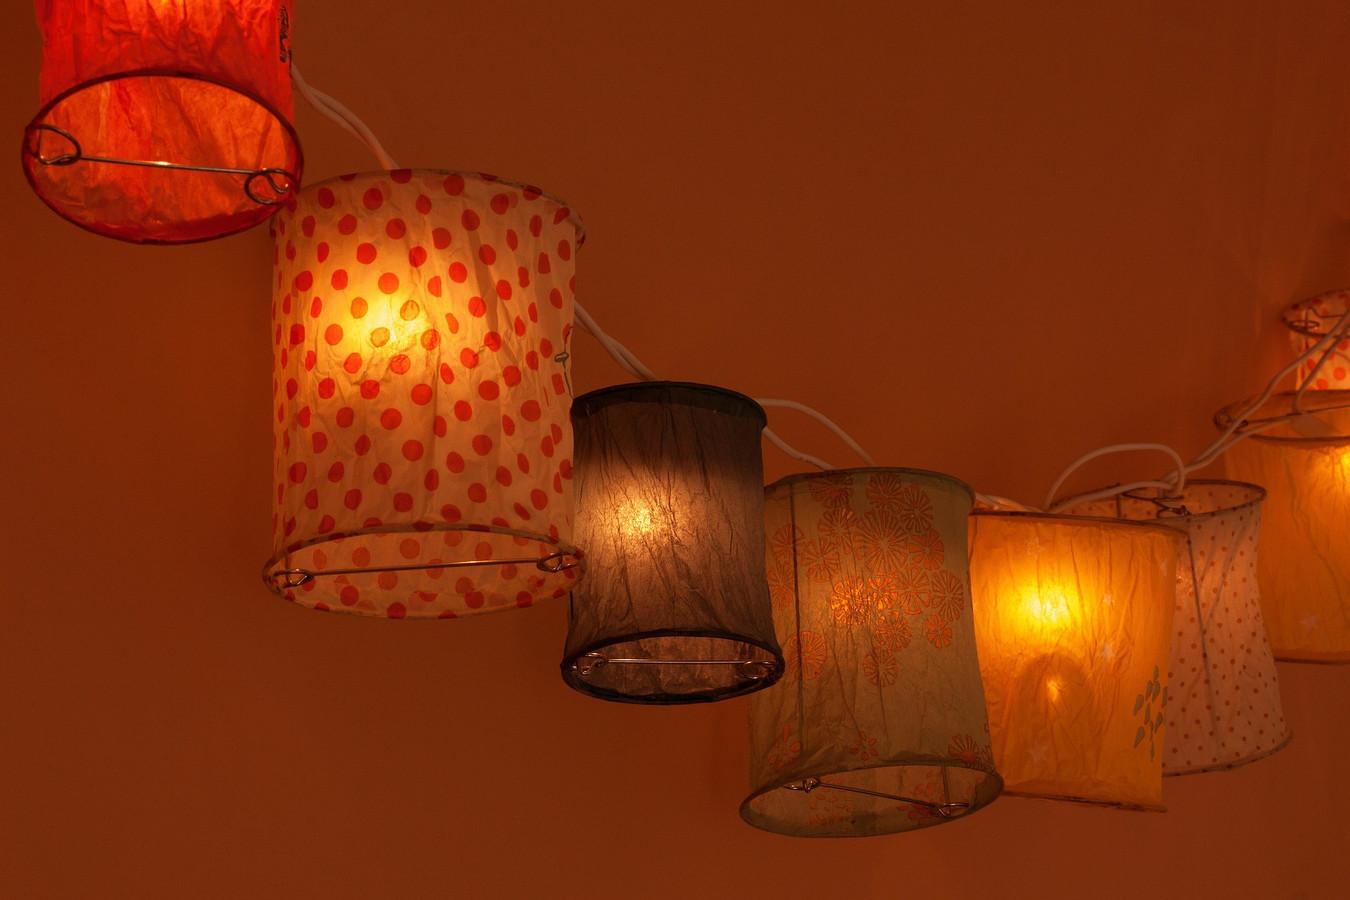 De jaarlijkse lampionoptocht in Rockanje staat komend jaar geheel in het teken van het 800-jarig jubileum van het dorp.